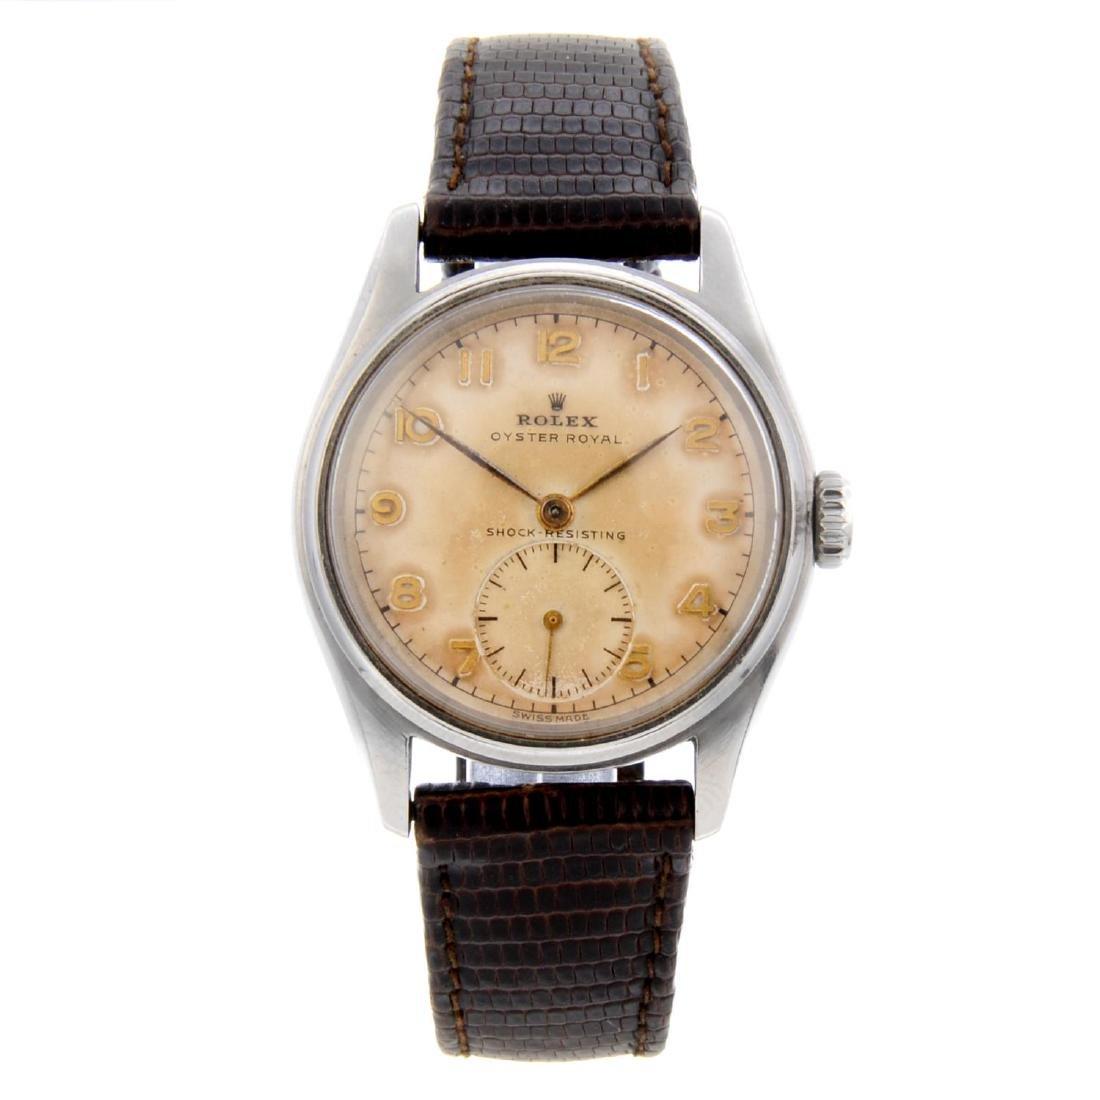 ROLEX - a gentleman's Oyster Royal wrist watch. Circa